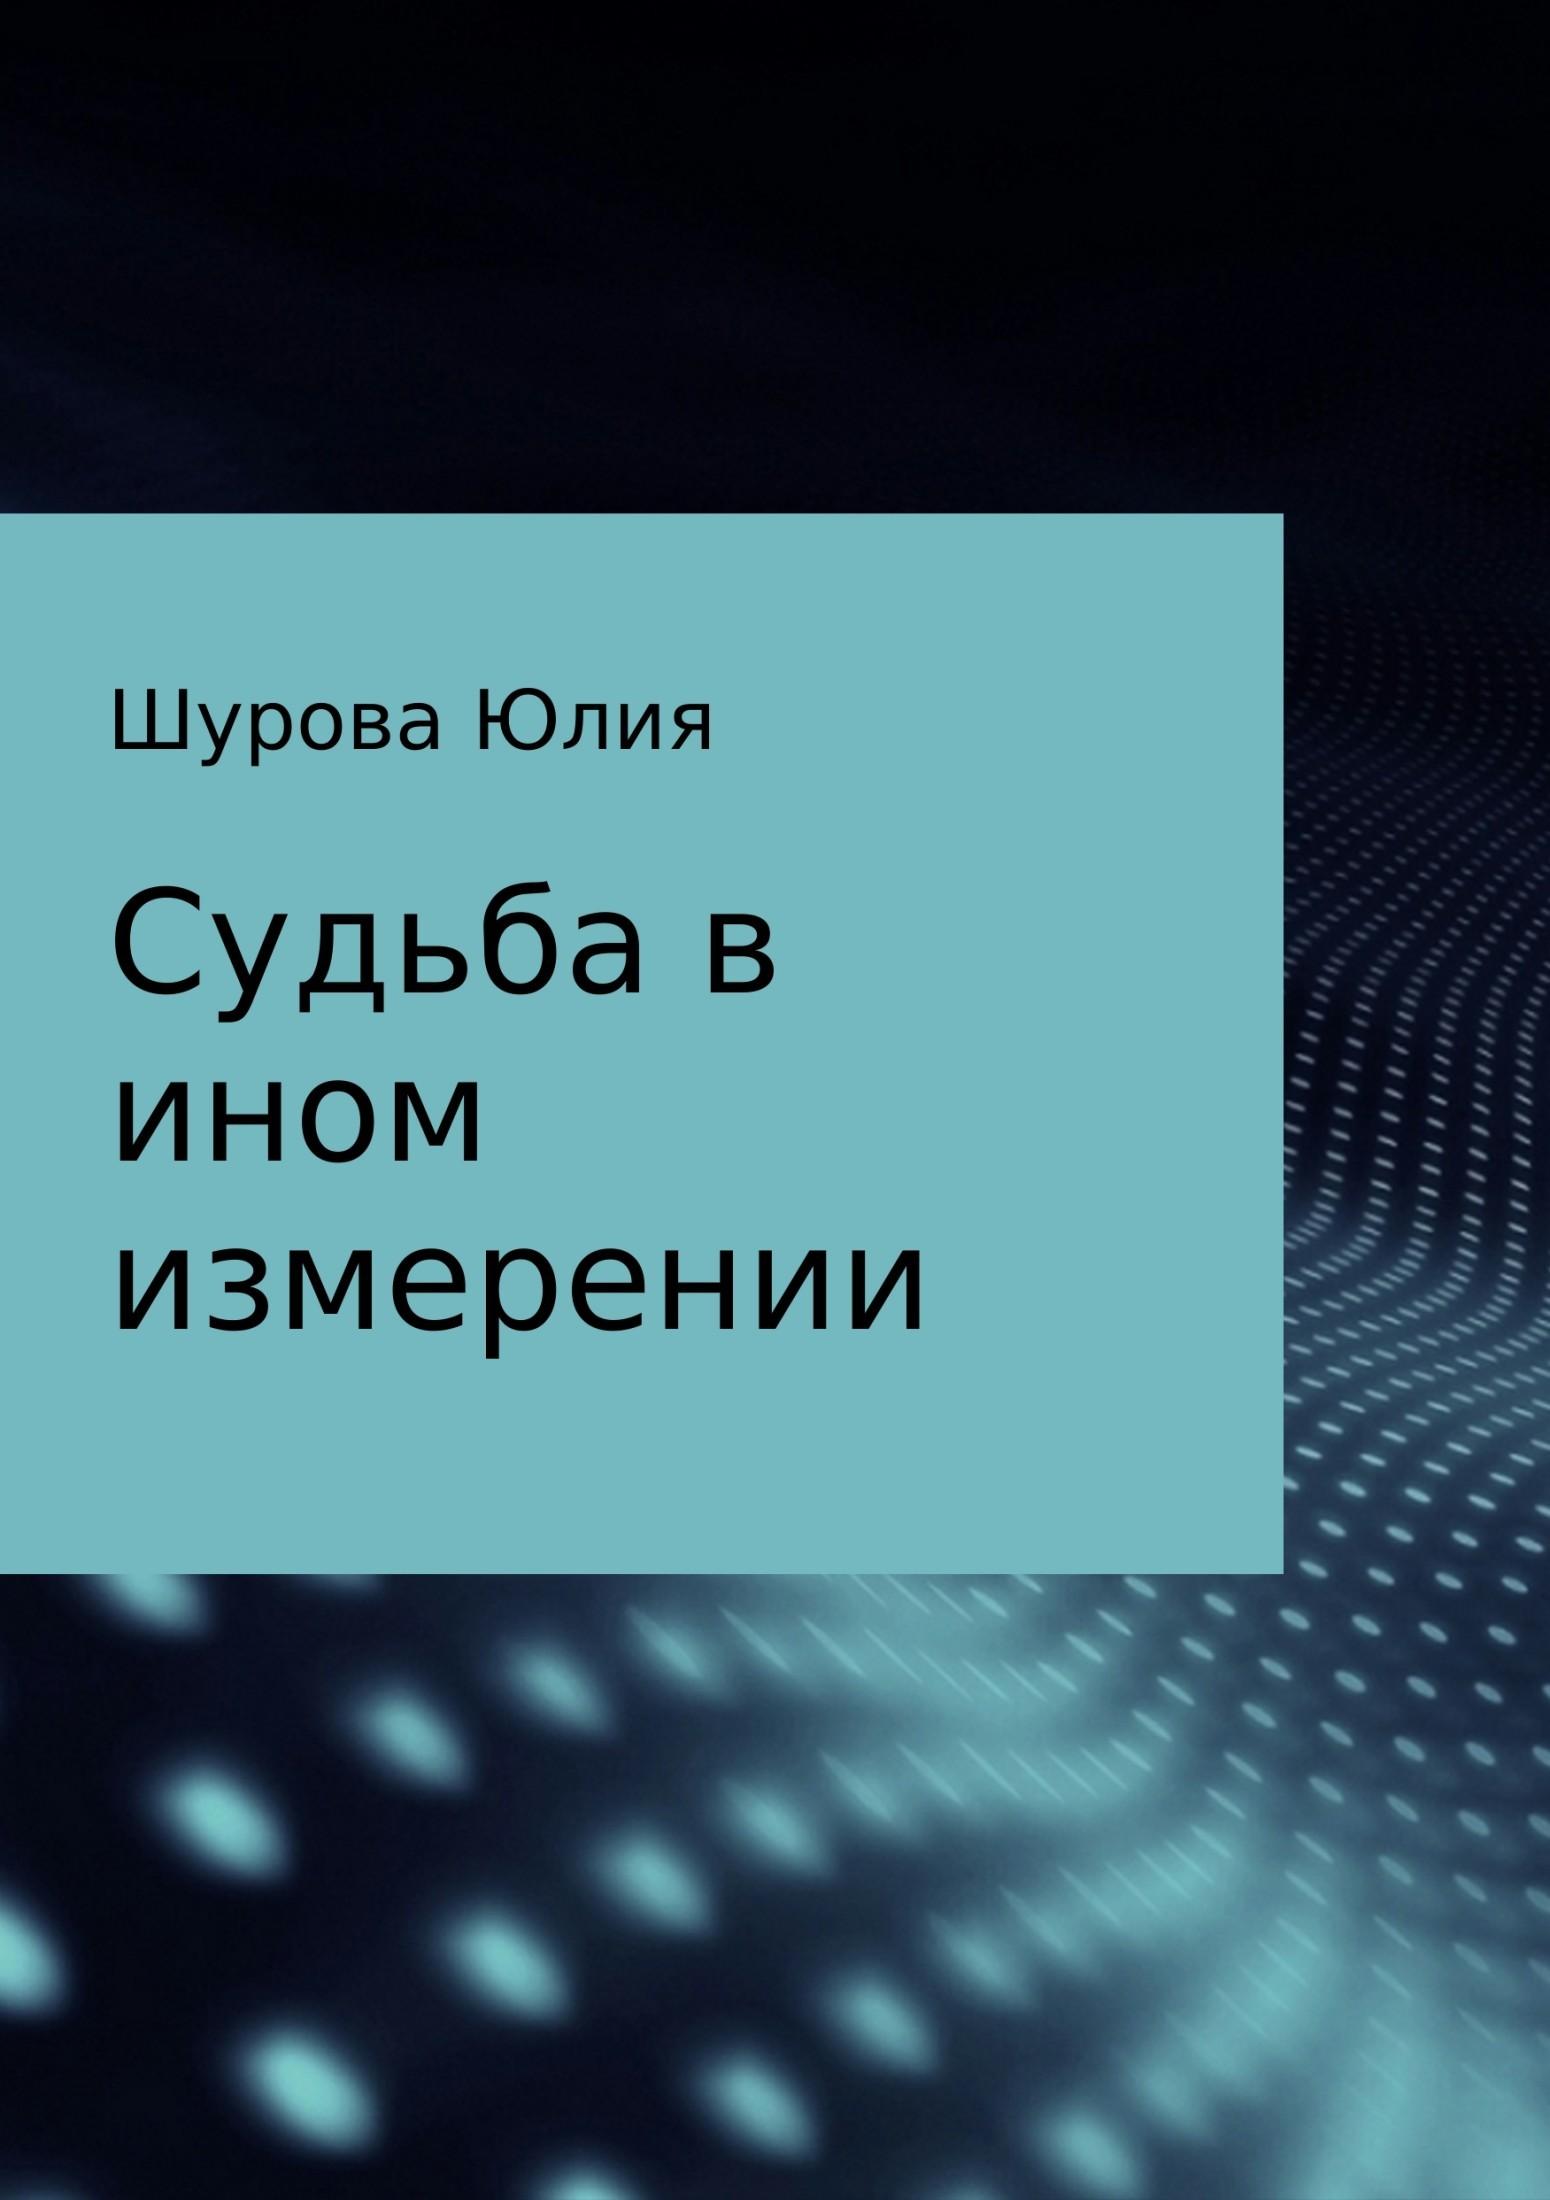 Юлия Михайловна Шурова Судьба в ином измерении си джей редвайн королева тьмы